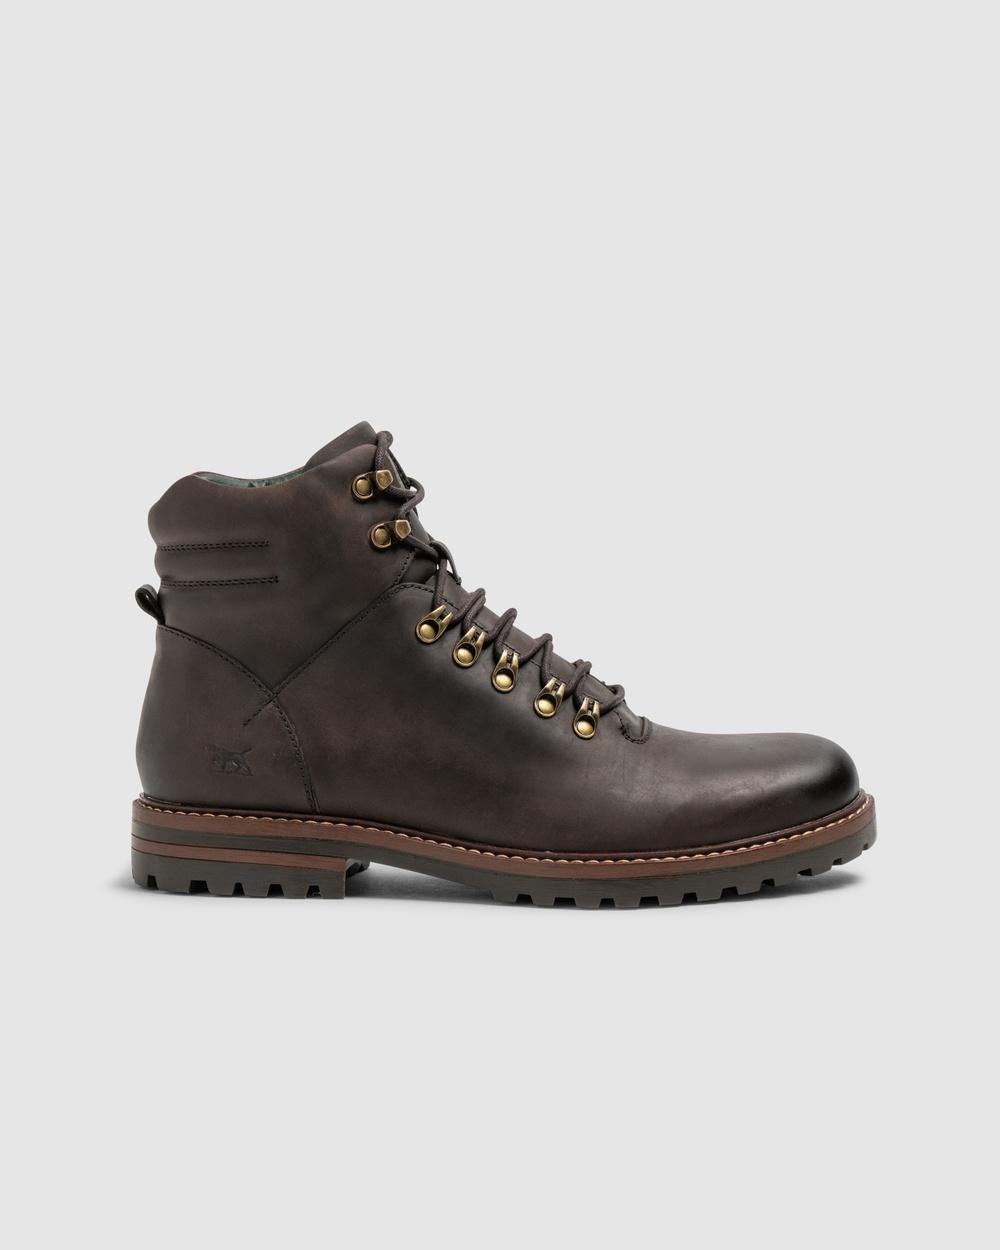 Rodd & Gunn Hampden Street Alpine Boot Dress Shoes Dark Chocolate